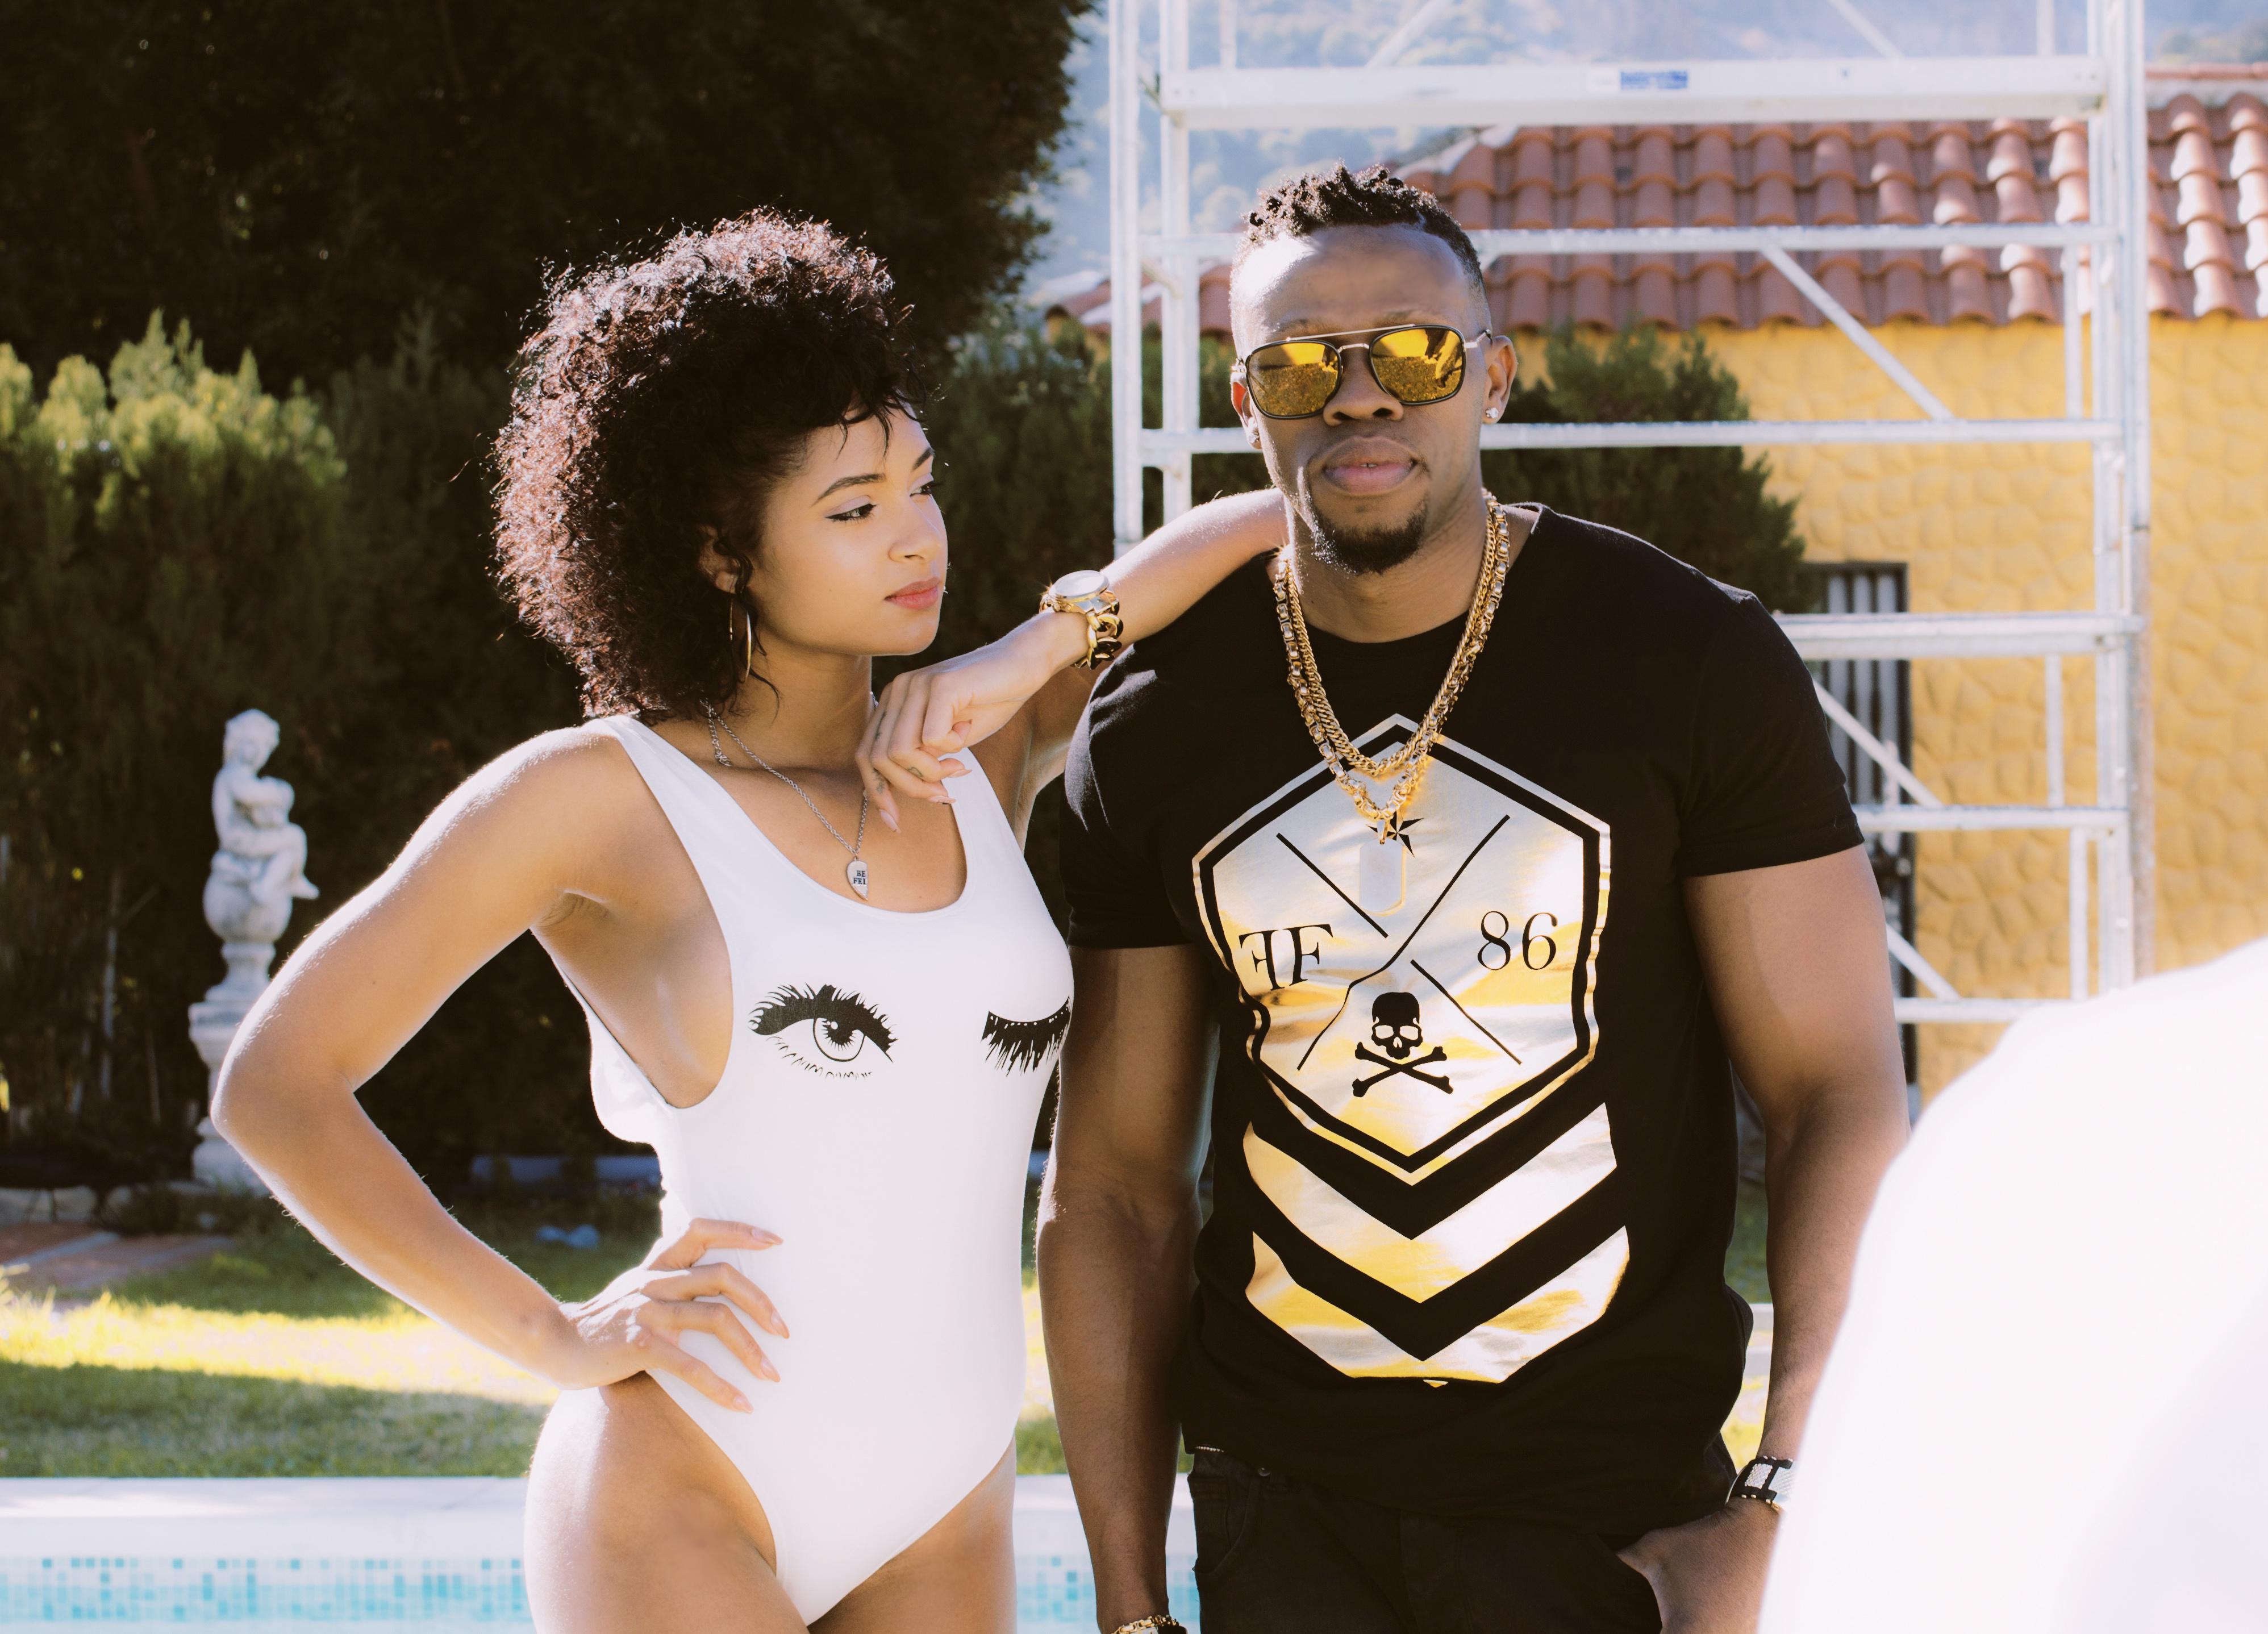 Singer Nelo & Jeilyn model